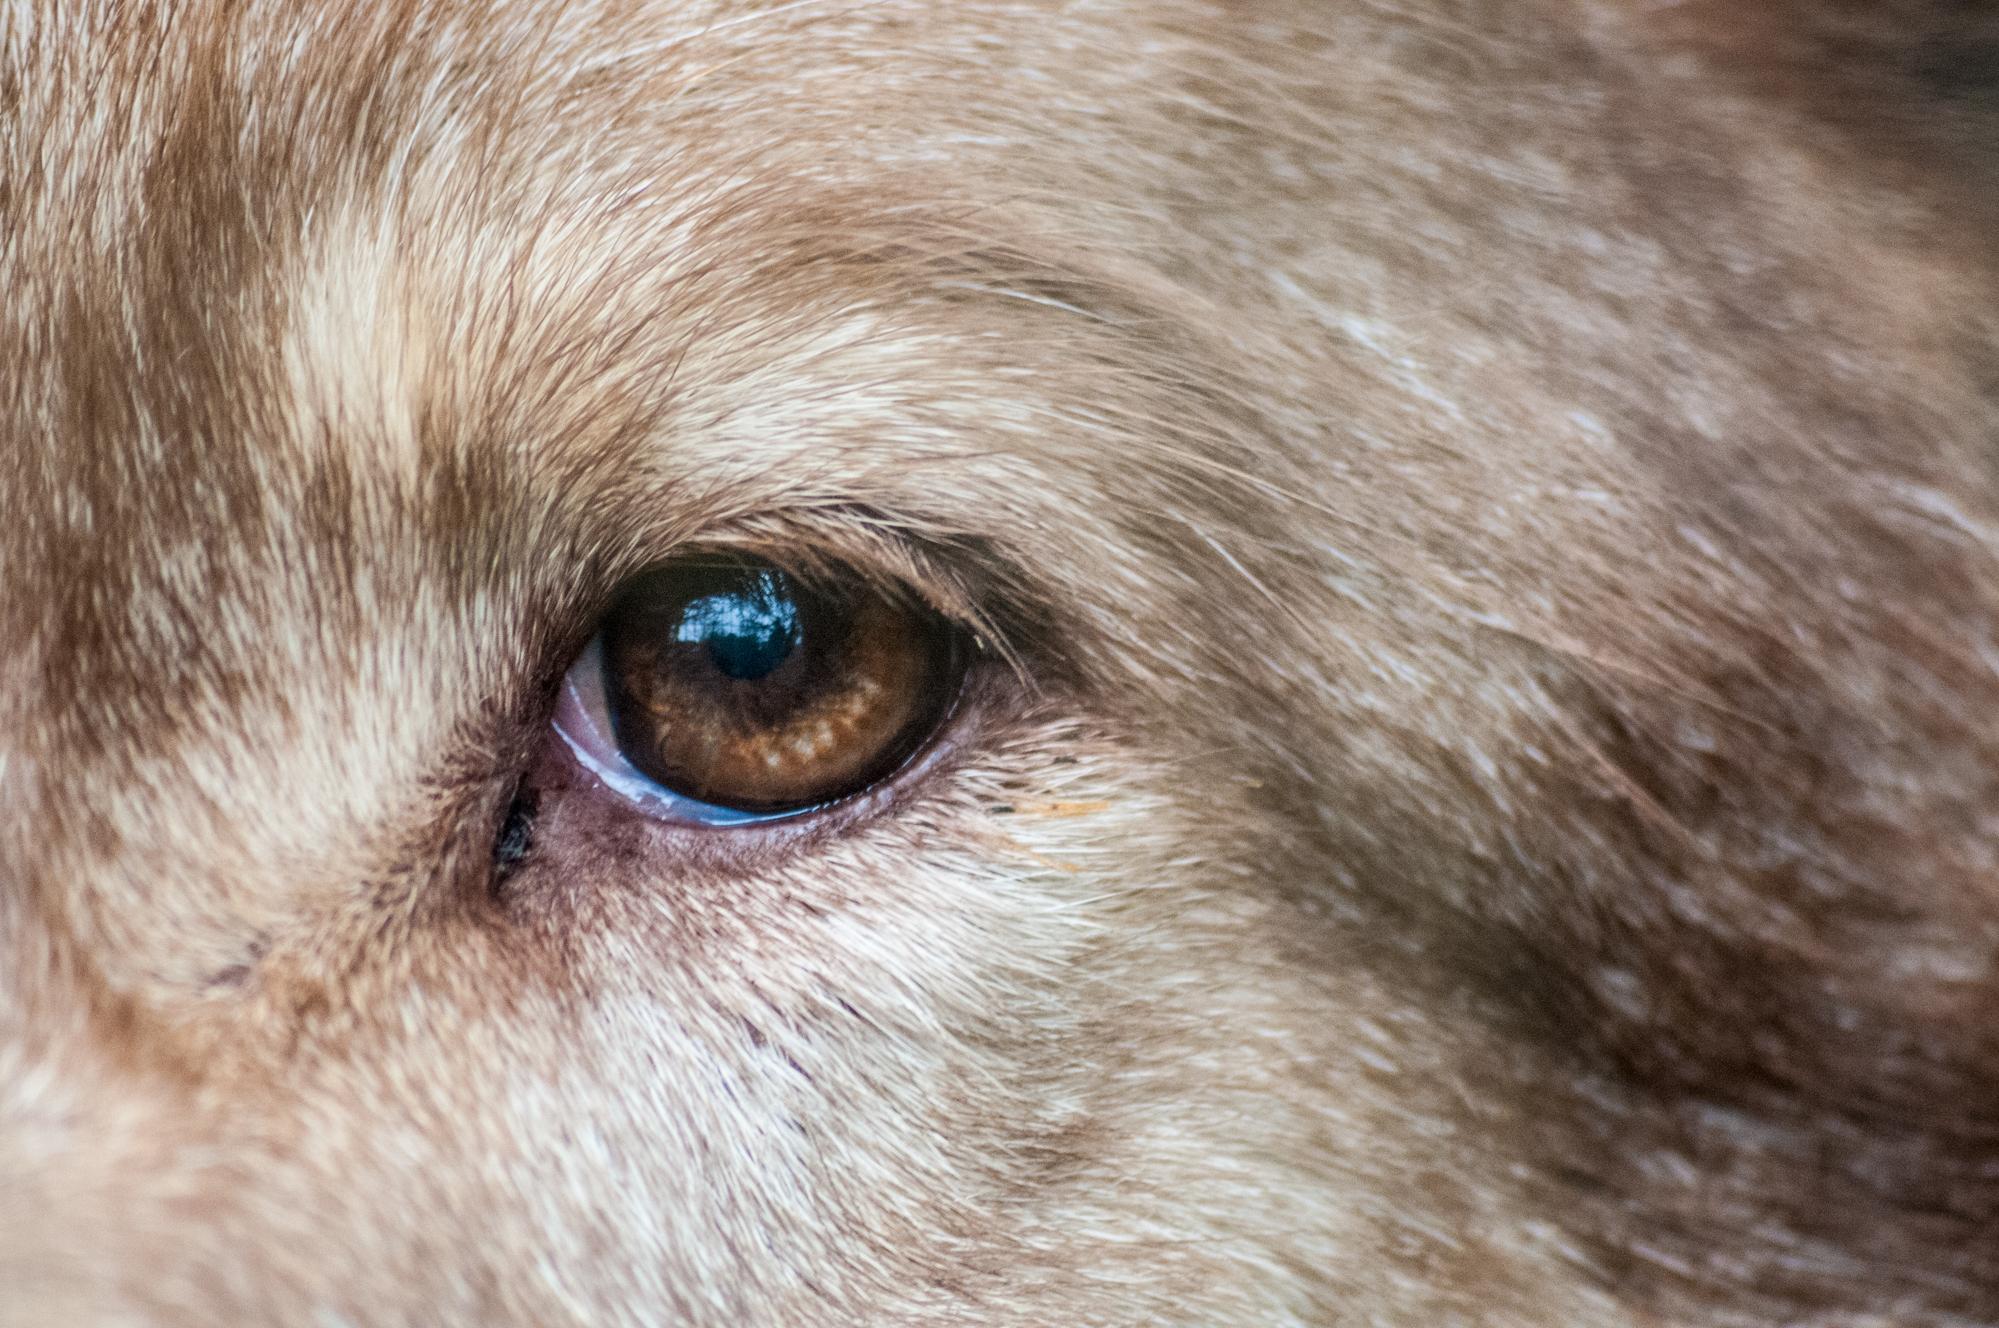 Filewolf Eye In So Paulo Zoog Wikimedia Commons